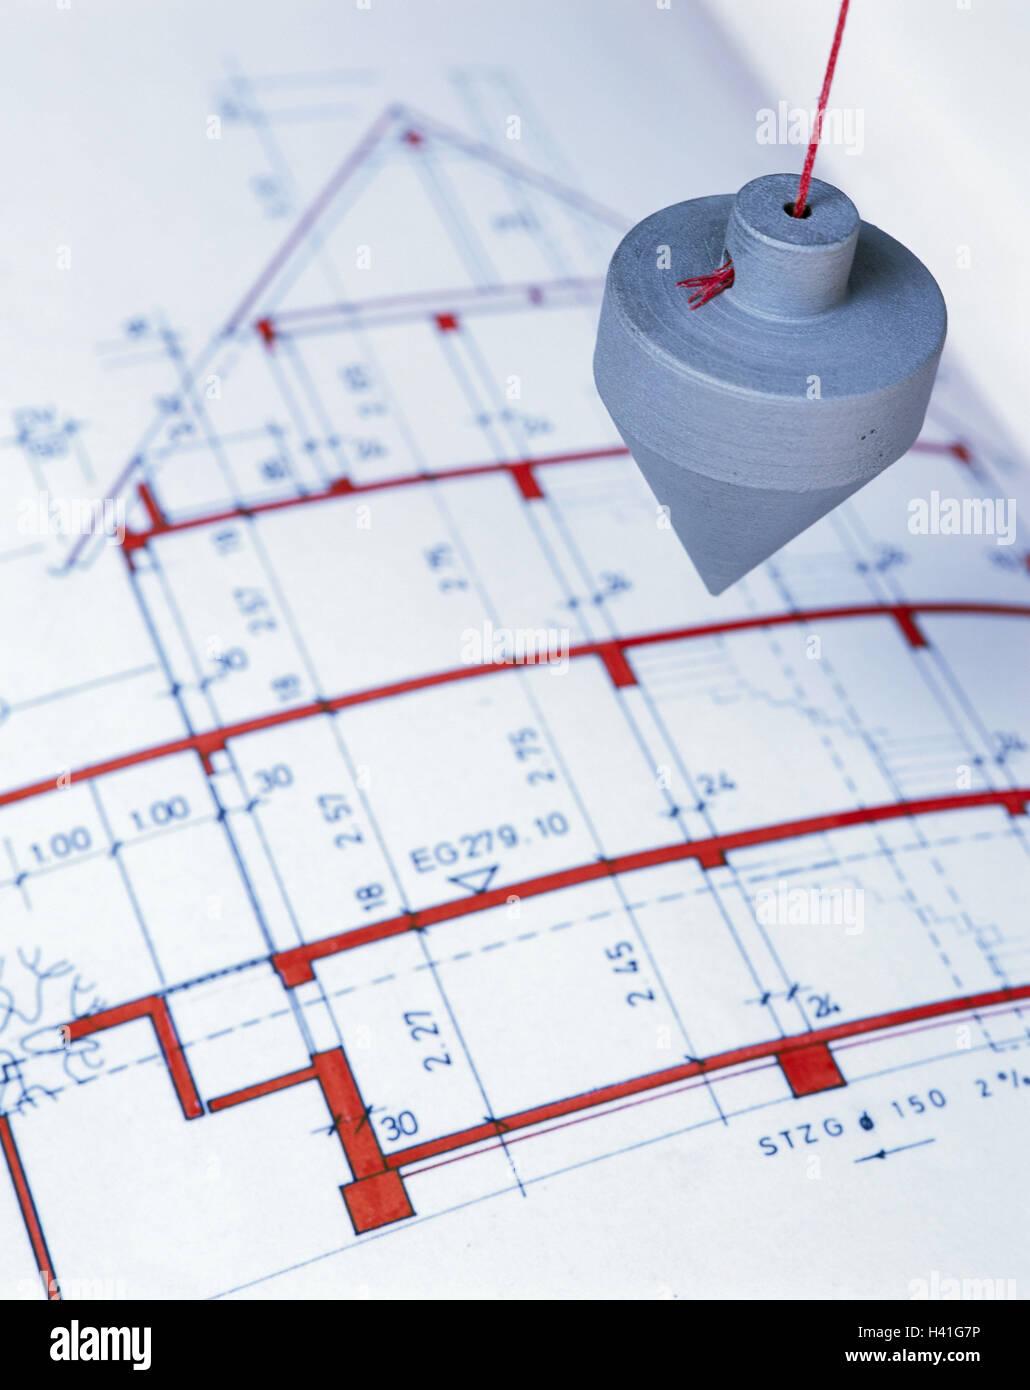 Plan Des Architekten, Senkblei, Bau Ein Haus, Eigenheim, Bau, Planung,  Plan, Zeichnung, Hoch Und Tiefbau, Abonnement, Masse, Statik, Bauen,  Messtechnik, ...